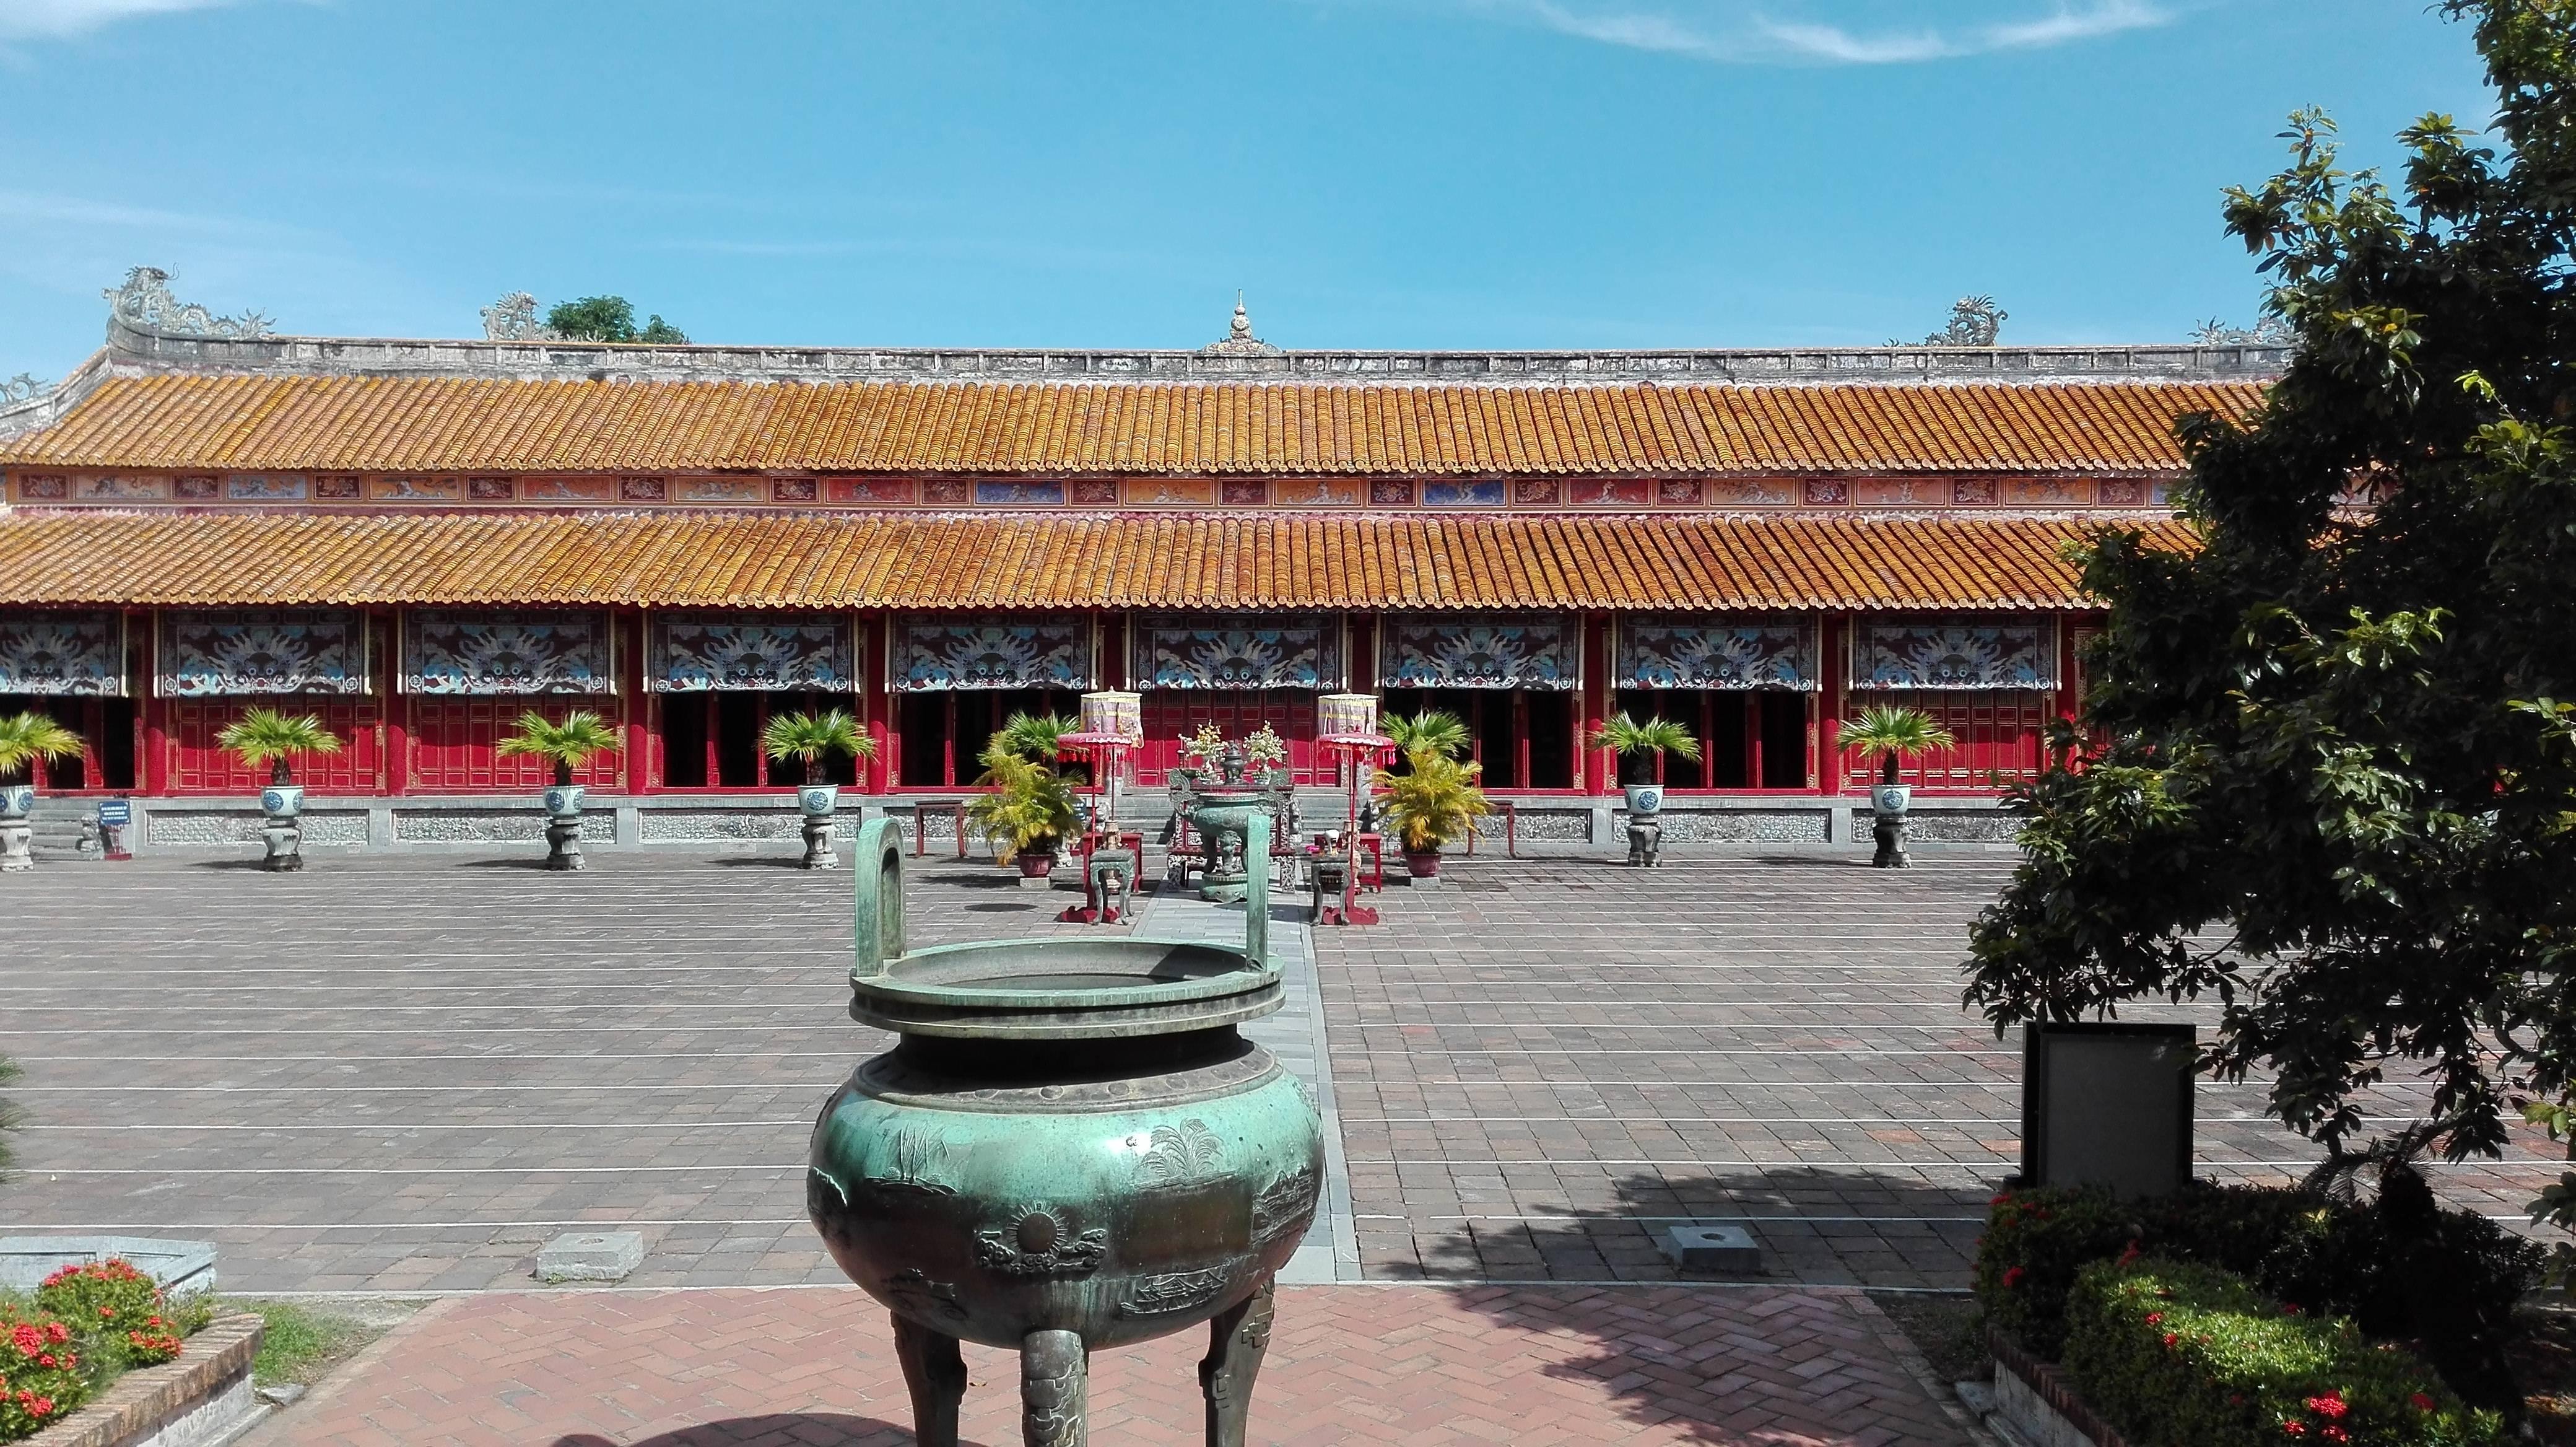 Photo 2: Hué et la Cité impériale (Vietnam) quelle merveille...